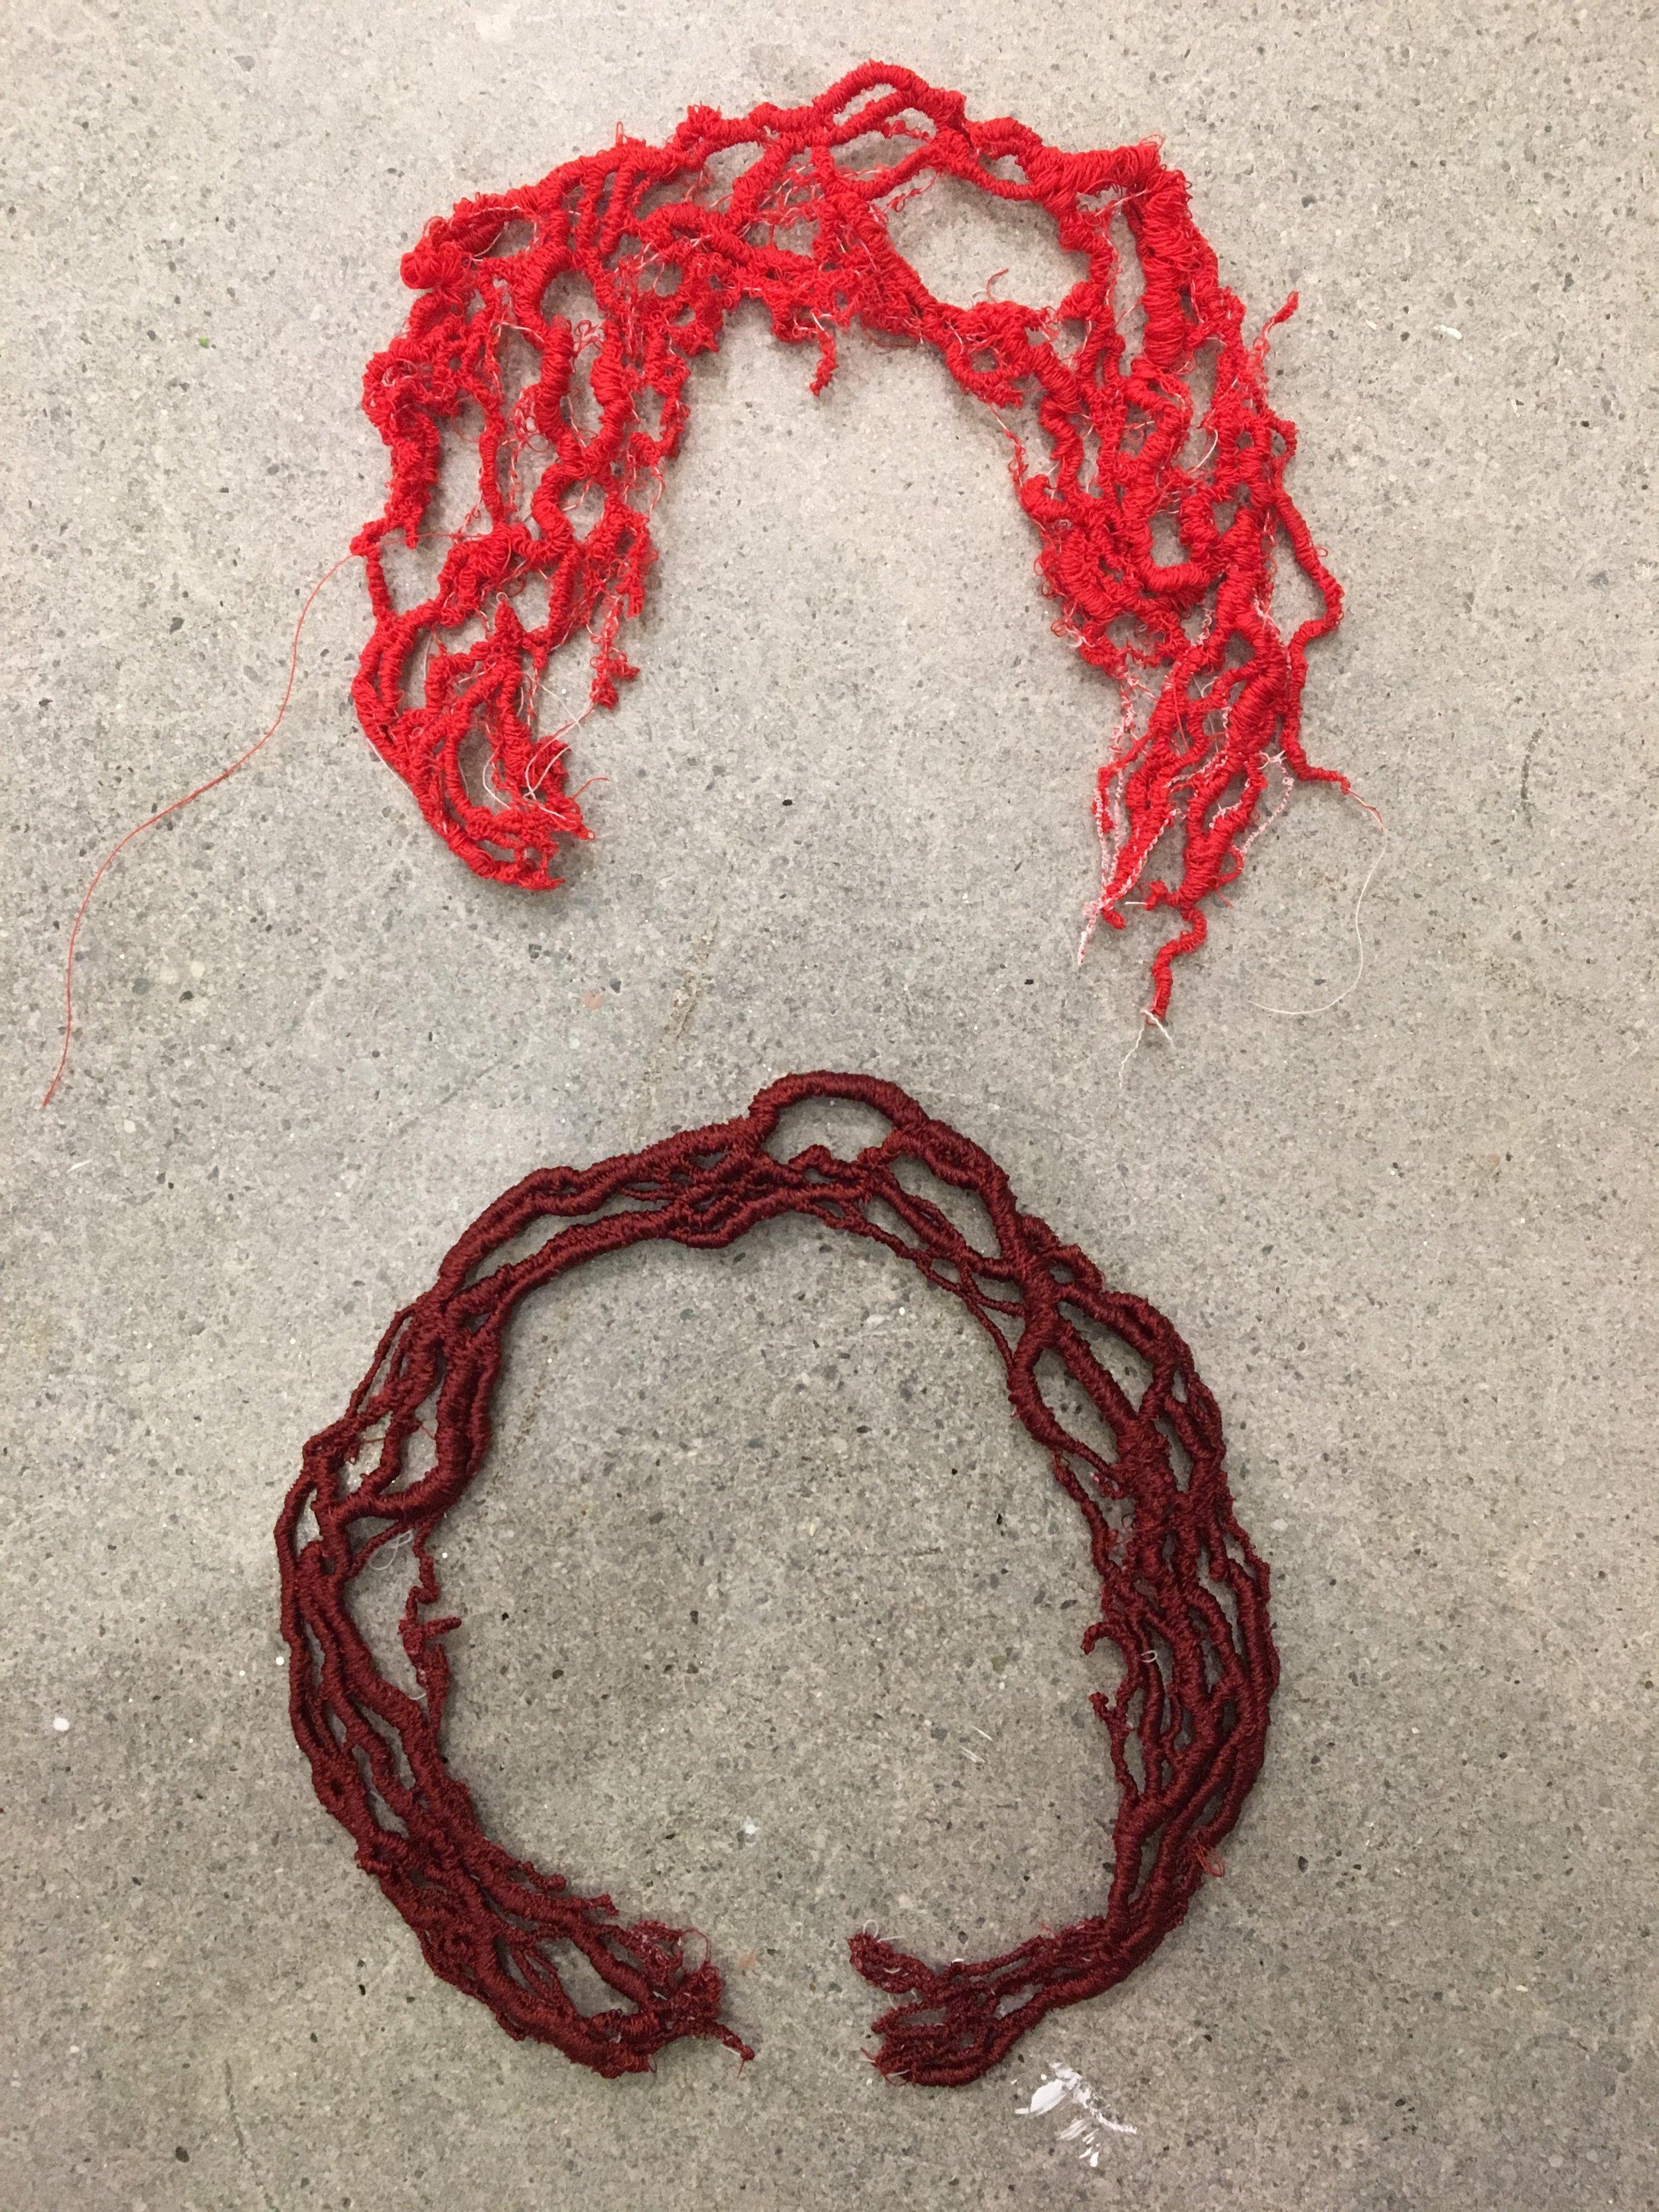 Vein, Machine Embroidery, 2018